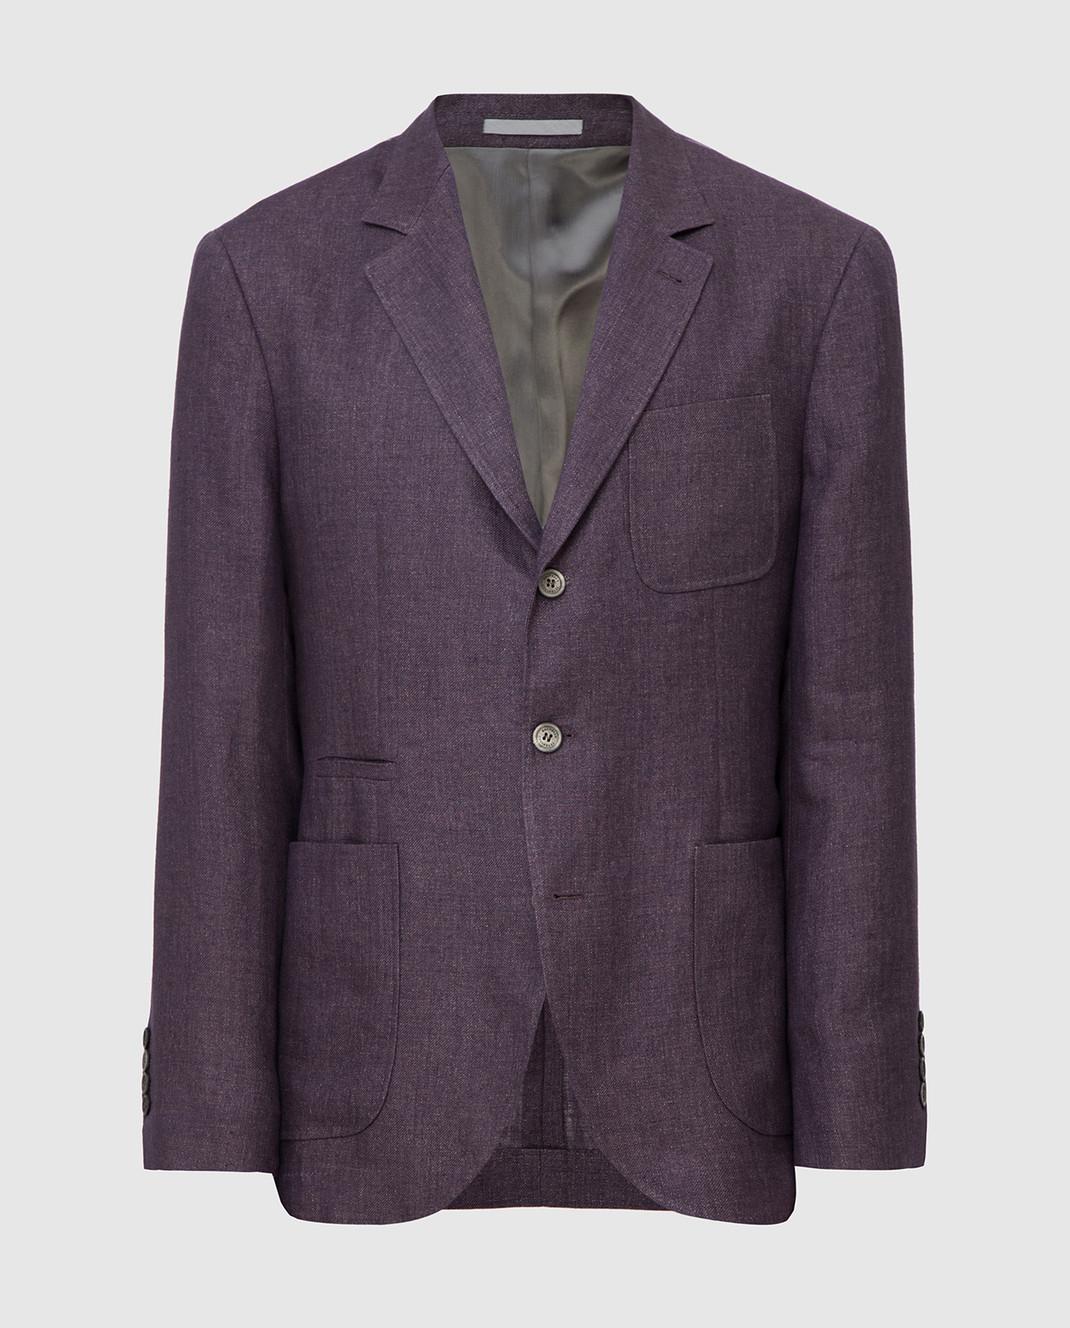 Brunello Cucinelli Сиреневый пиджак изображение 1